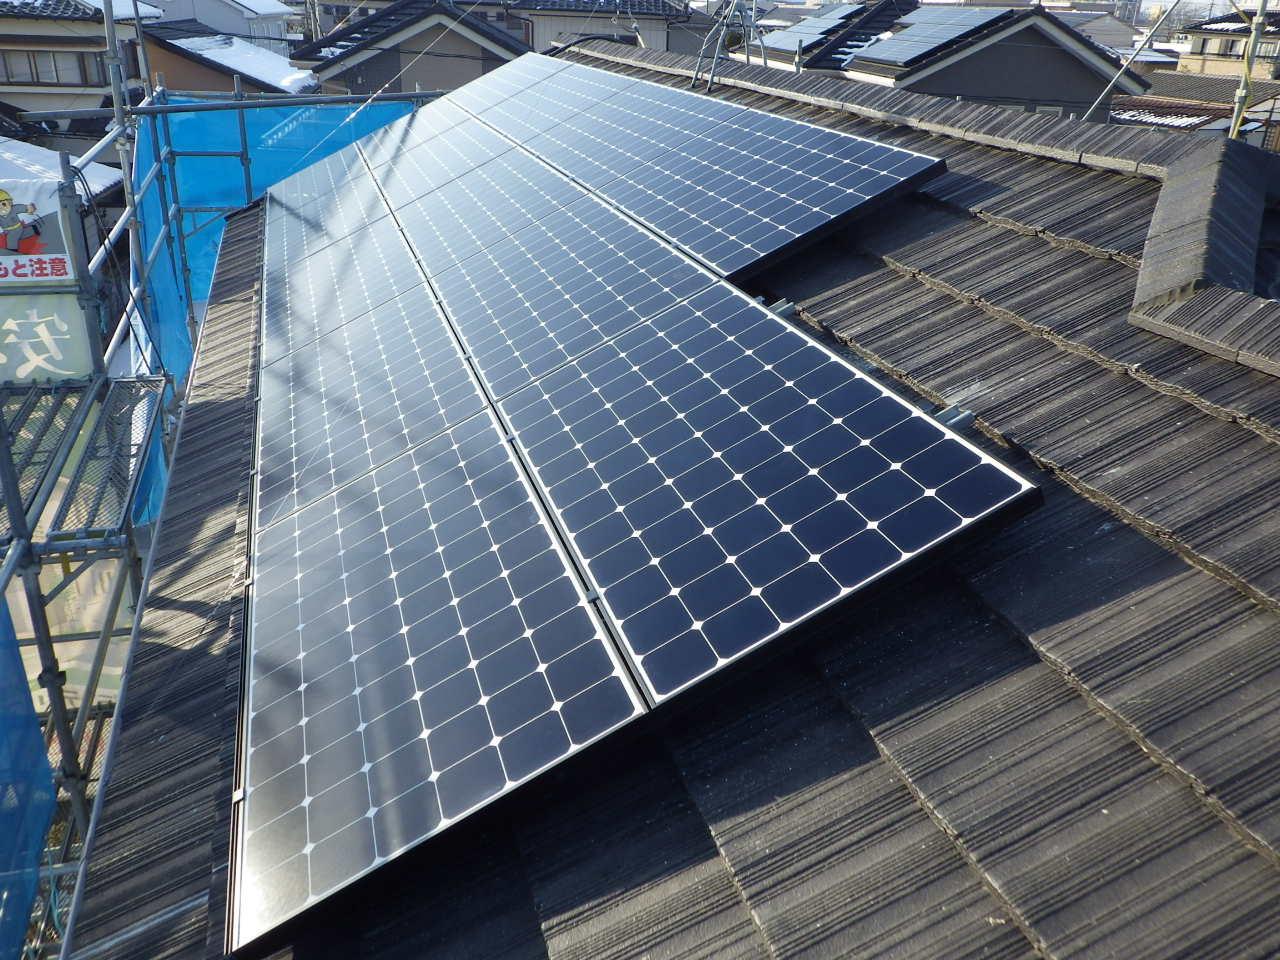 セメント系瓦屋根への太陽光発電システム設置工事を行いました。in宇都宮市